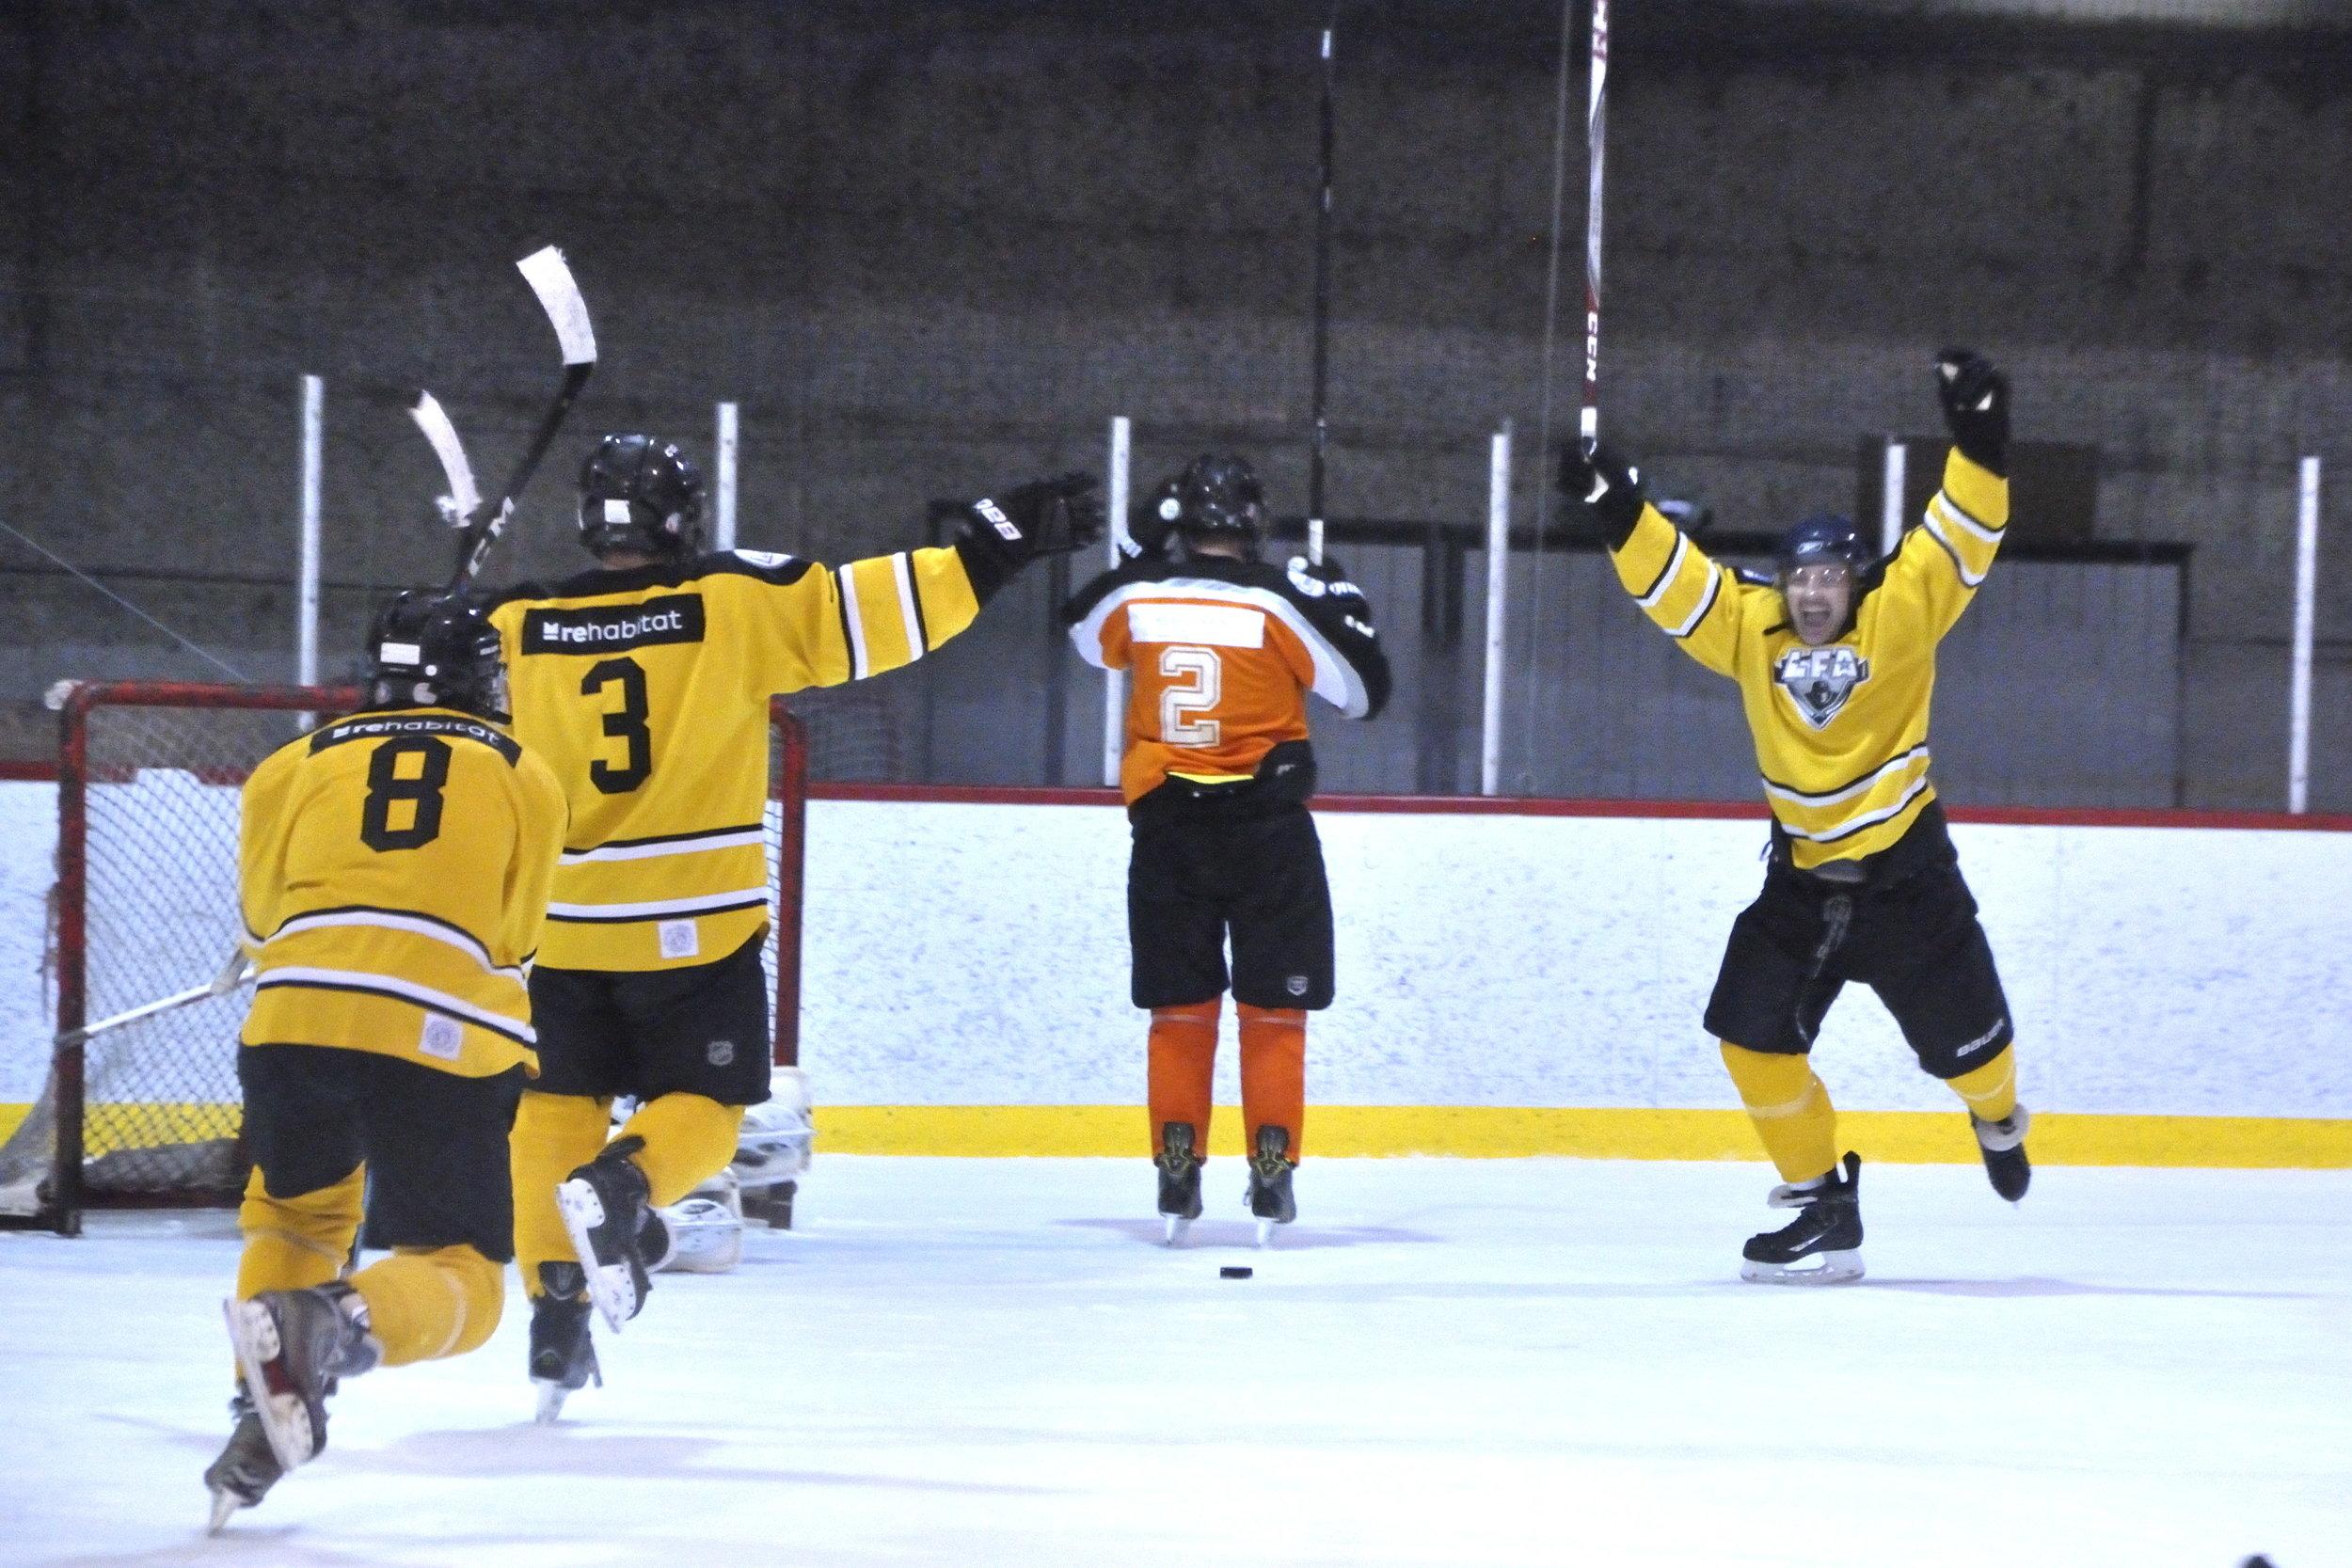 patrick turcotte des rebels a égalisé le score avec 53 secondes à faire dans le match (photo lisette nepveu)